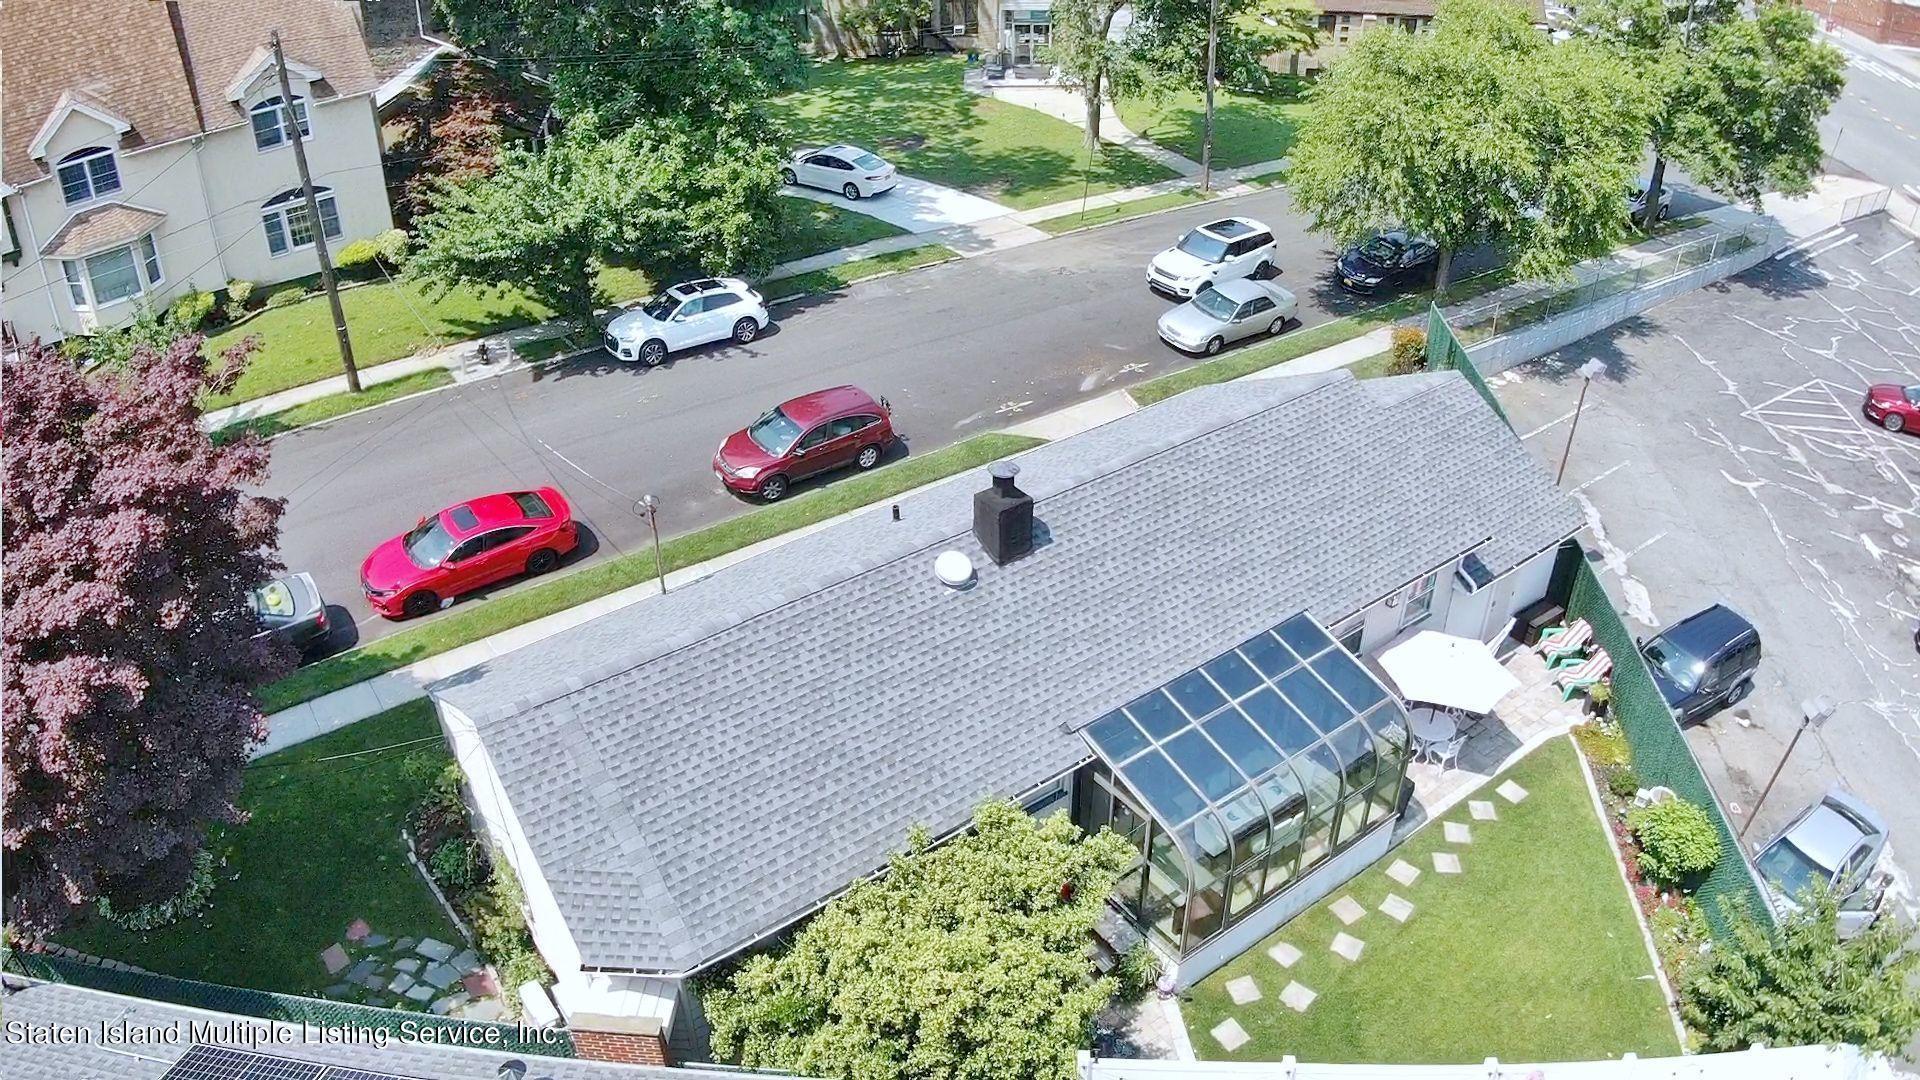 Single Family - Detached 29 City Boulevard  Staten Island, NY 10301, MLS-1147694-2